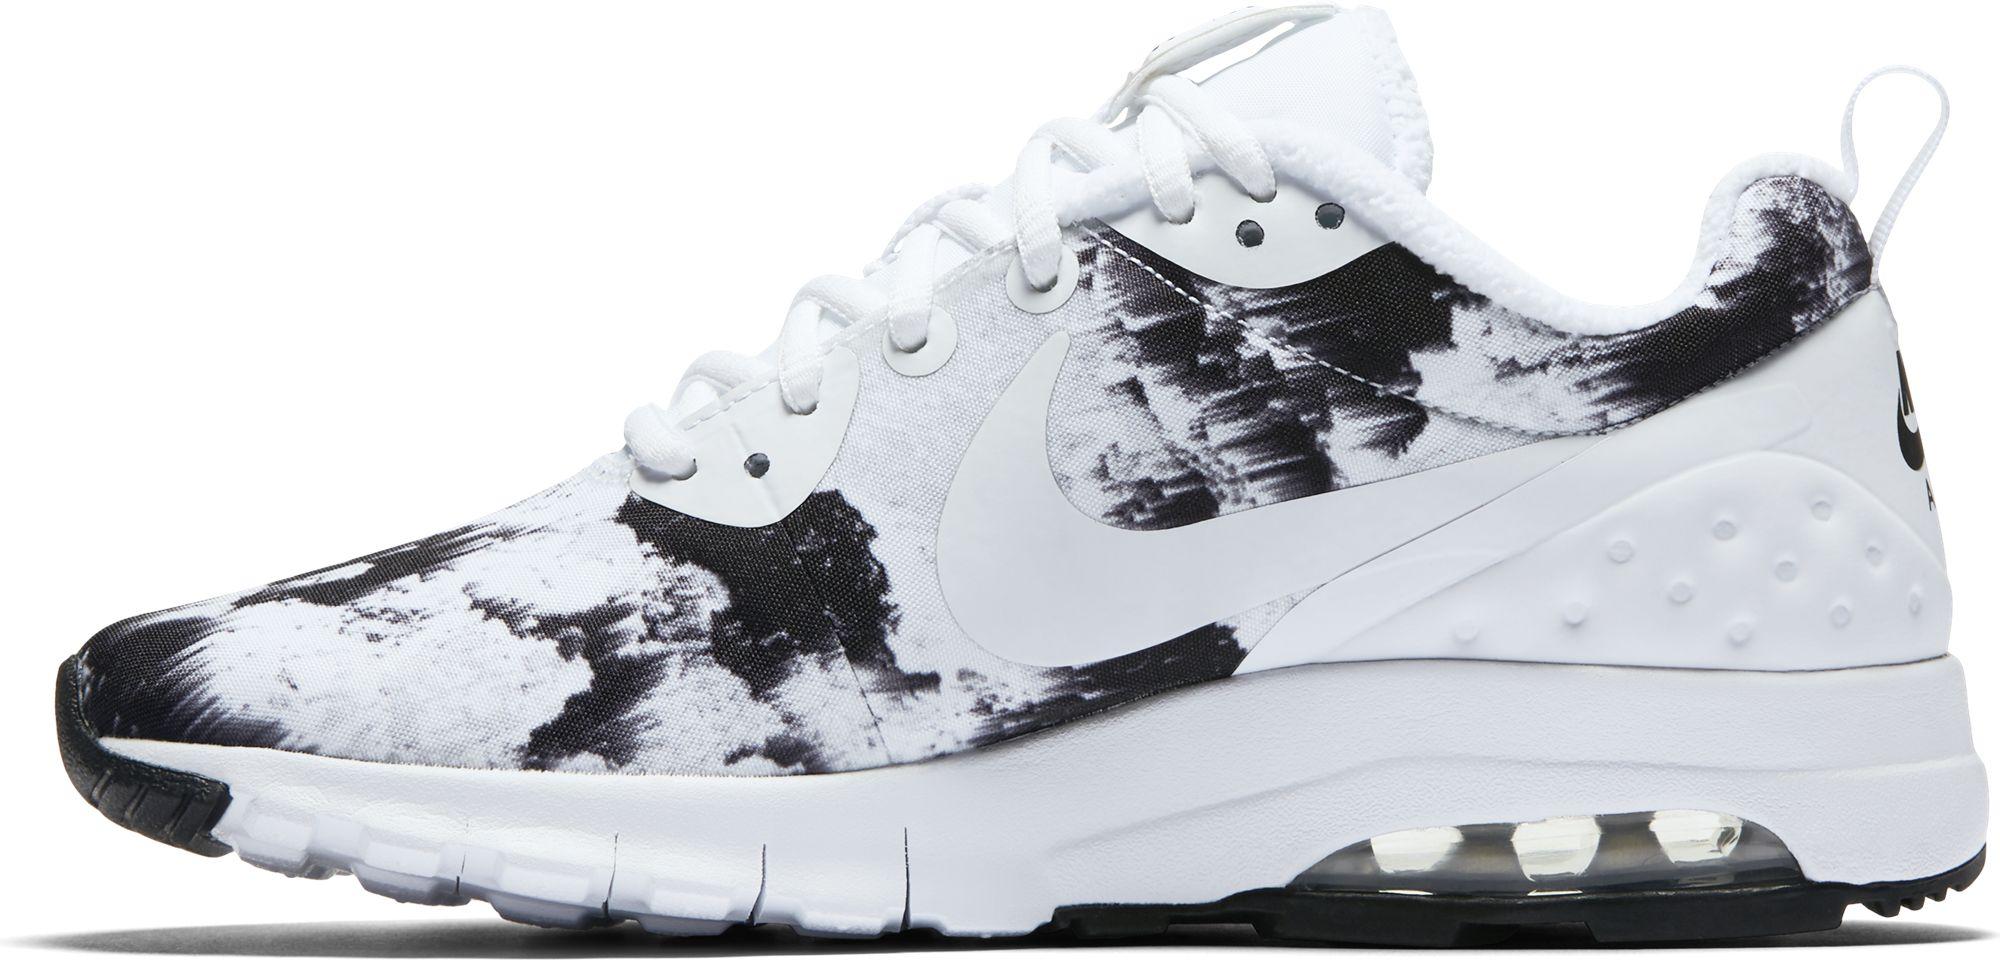 8891d449bff Nike AIR MAX MOTION LW PRINT